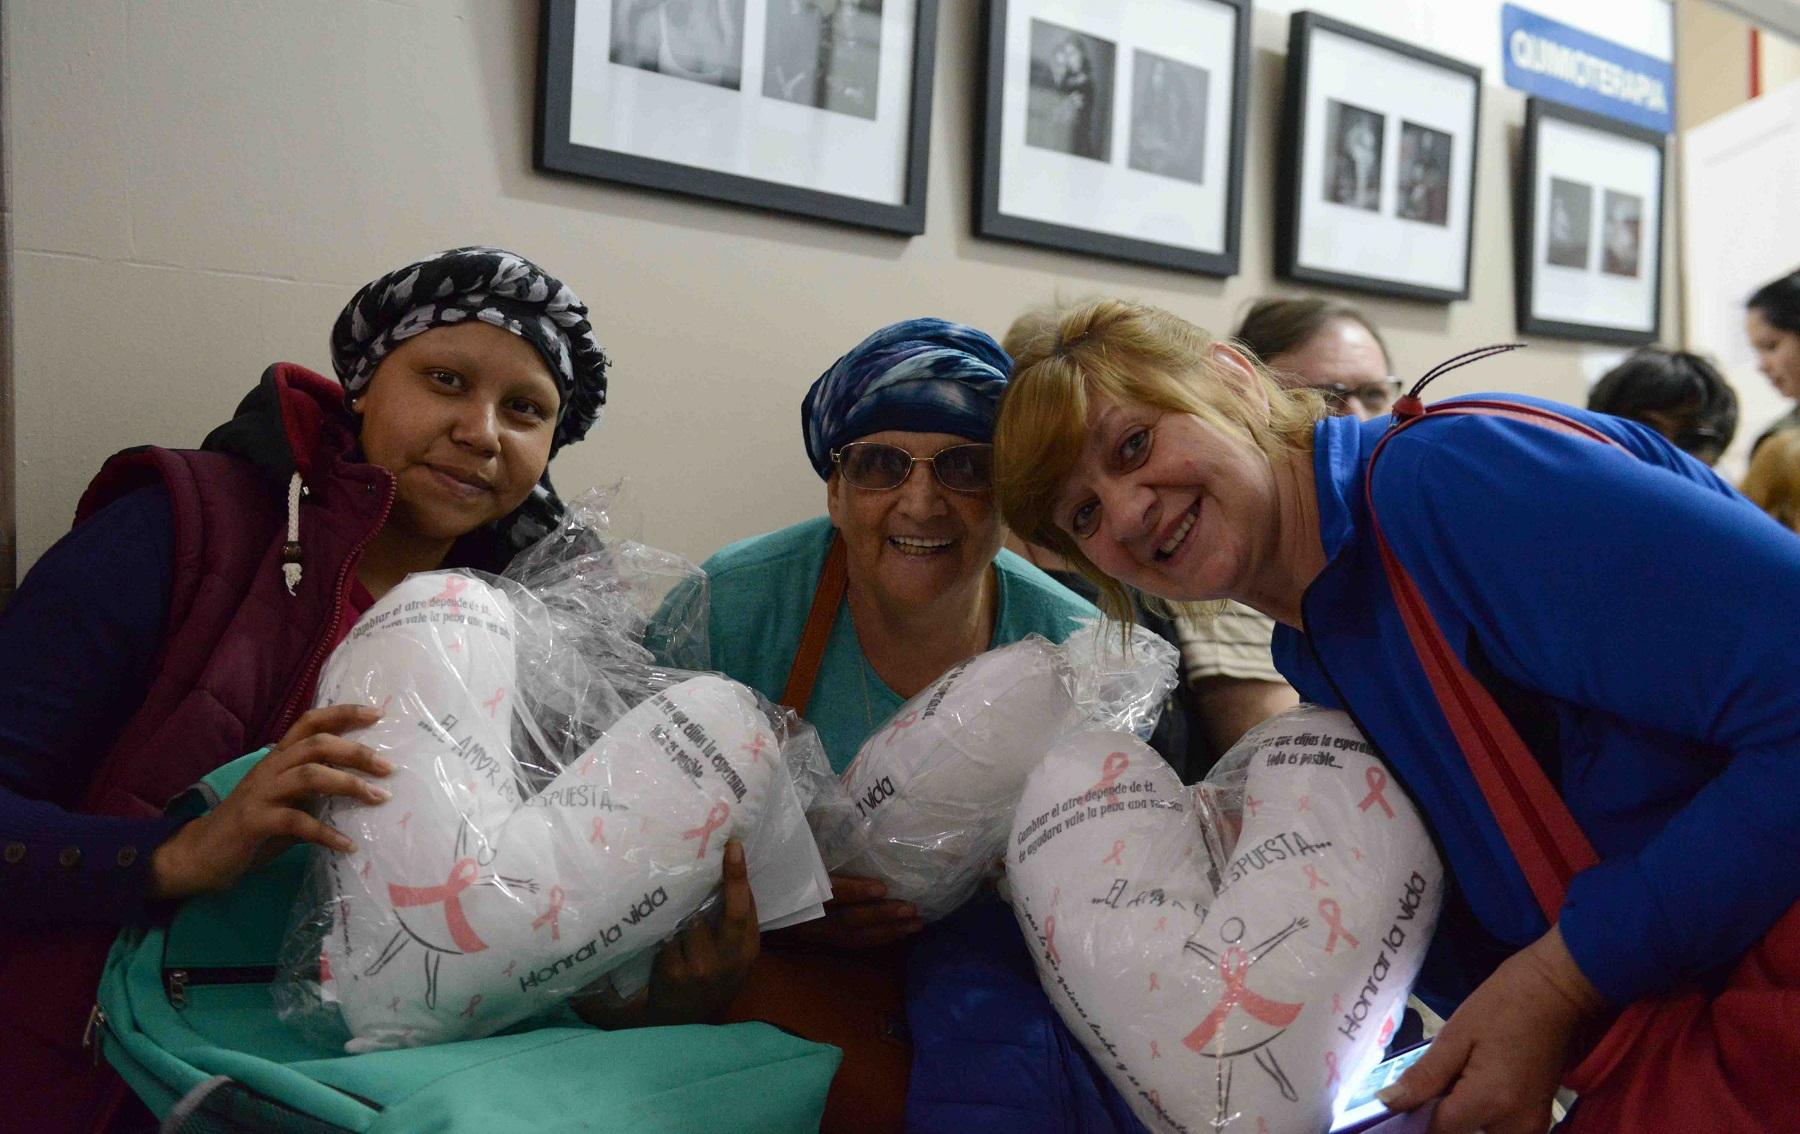 Corazones solidarios contra el cáncer de mama